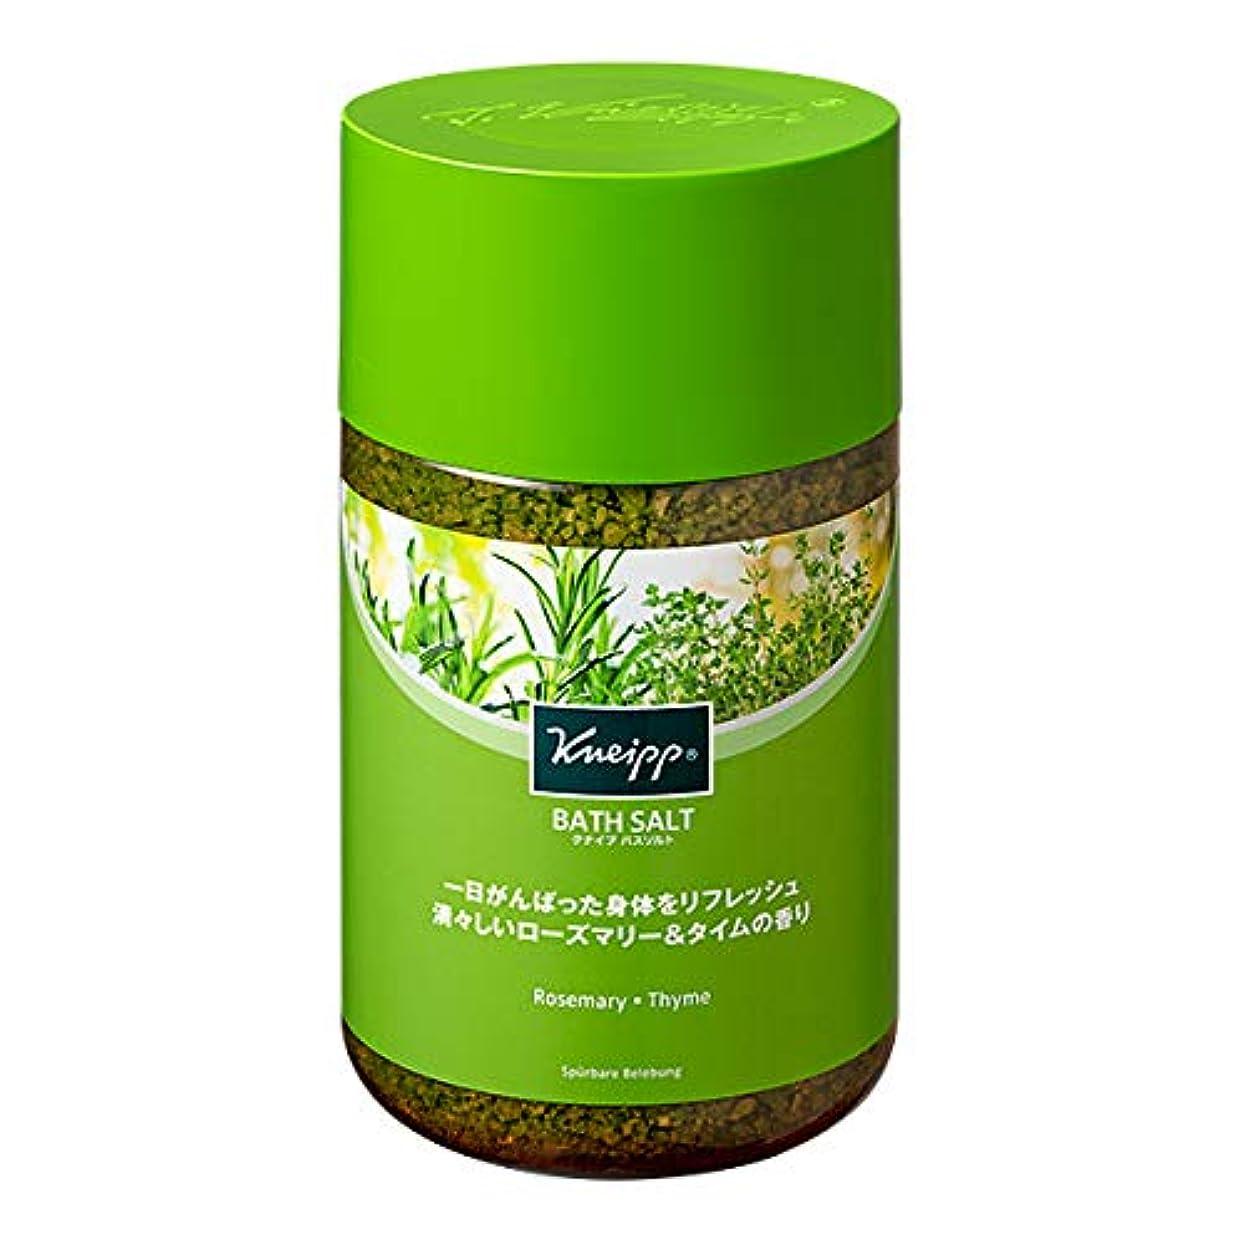 コメント支出繁殖クナイプ(Kneipp) クナイプ バスソルト ローズマリー&タイムの香り850g 入浴剤